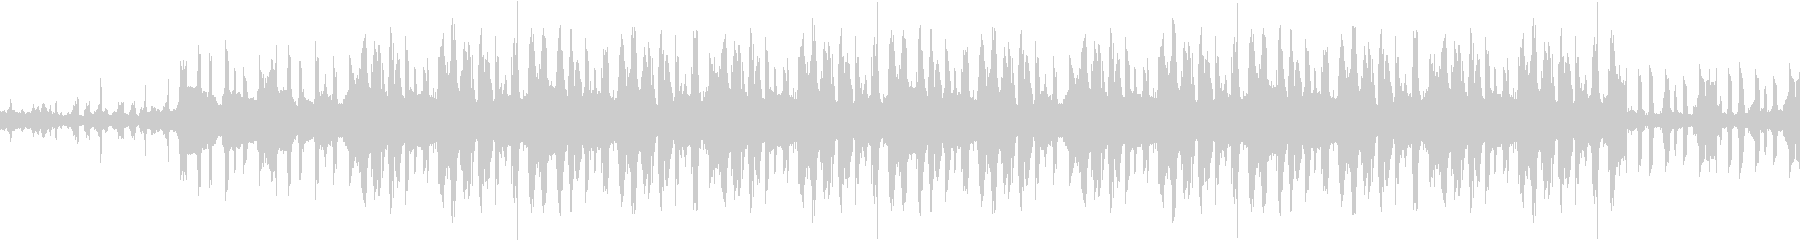 ドライブで聴きたくなるゆったりBGMの未再生の波形